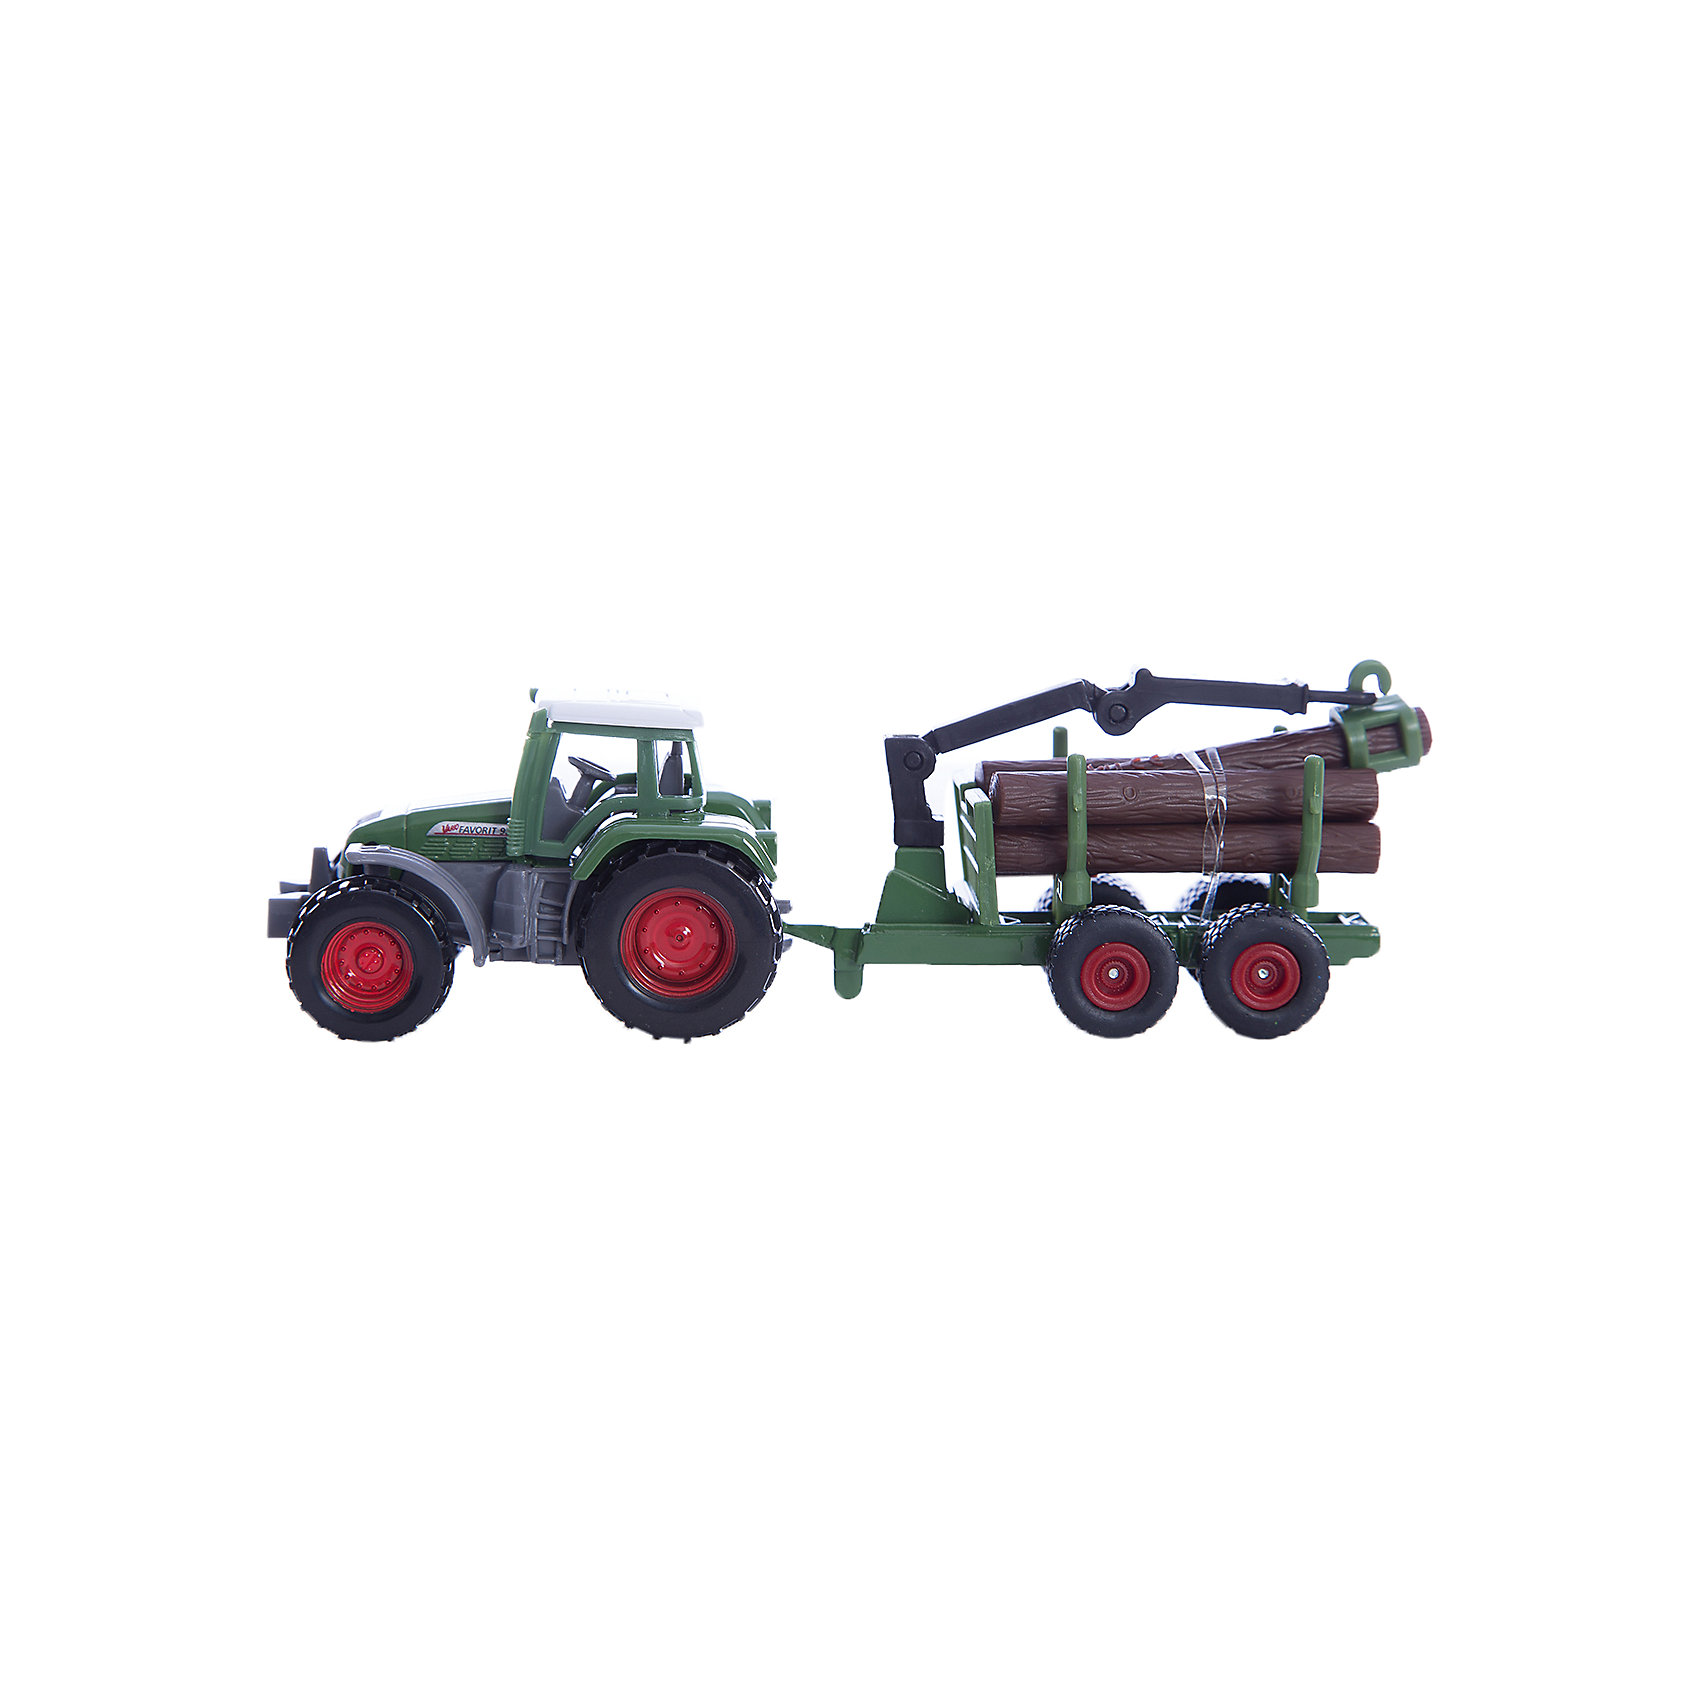 SIKU 1645 Трактор с прицепом для перевозки бревенСильная комбинация в маленьком масштабе по выгодной цене. Могучий трактор Fendt тянет новый двухосный прицеп для перевозки бревен, оборудованный погрузочным краном. <br>Кран подвижный. <br>Бревна можно загружать в прицеп и снимать с него. Бревна входят в комплект.<br><br>Д/Ш/В: 147x38x36 мм<br><br>+++Примечание+++<br>Фирма SIKU оставляет за собой право на изменение цвета и технических характеристик моделей. При демонстрации новинок в ряде случаев используются оригинальные фотографии и прототипы. Поставляемая модель может отличаться от представленной на фотографии.<br><br>Ширина мм: 195<br>Глубина мм: 78<br>Высота мм: 43<br>Вес г: 92<br>Возраст от месяцев: 36<br>Возраст до месяцев: 96<br>Пол: Мужской<br>Возраст: Детский<br>SKU: 1773577